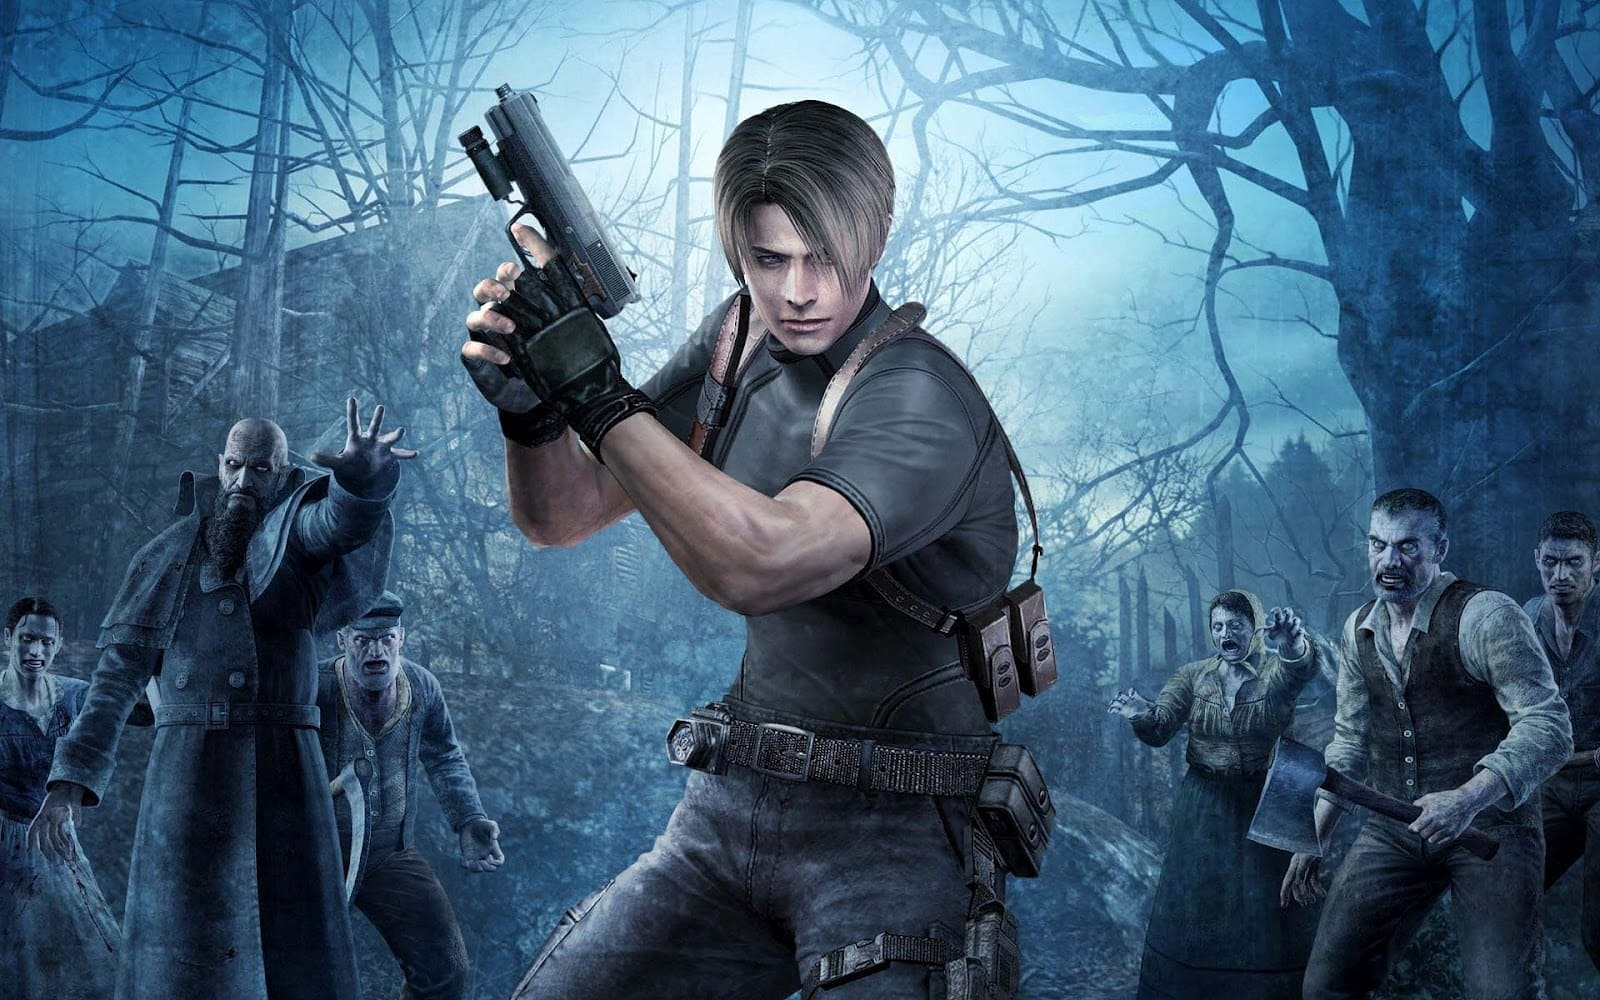 Соавтор Resident Evil прокомментировал возможный ремейк четвертой части серии